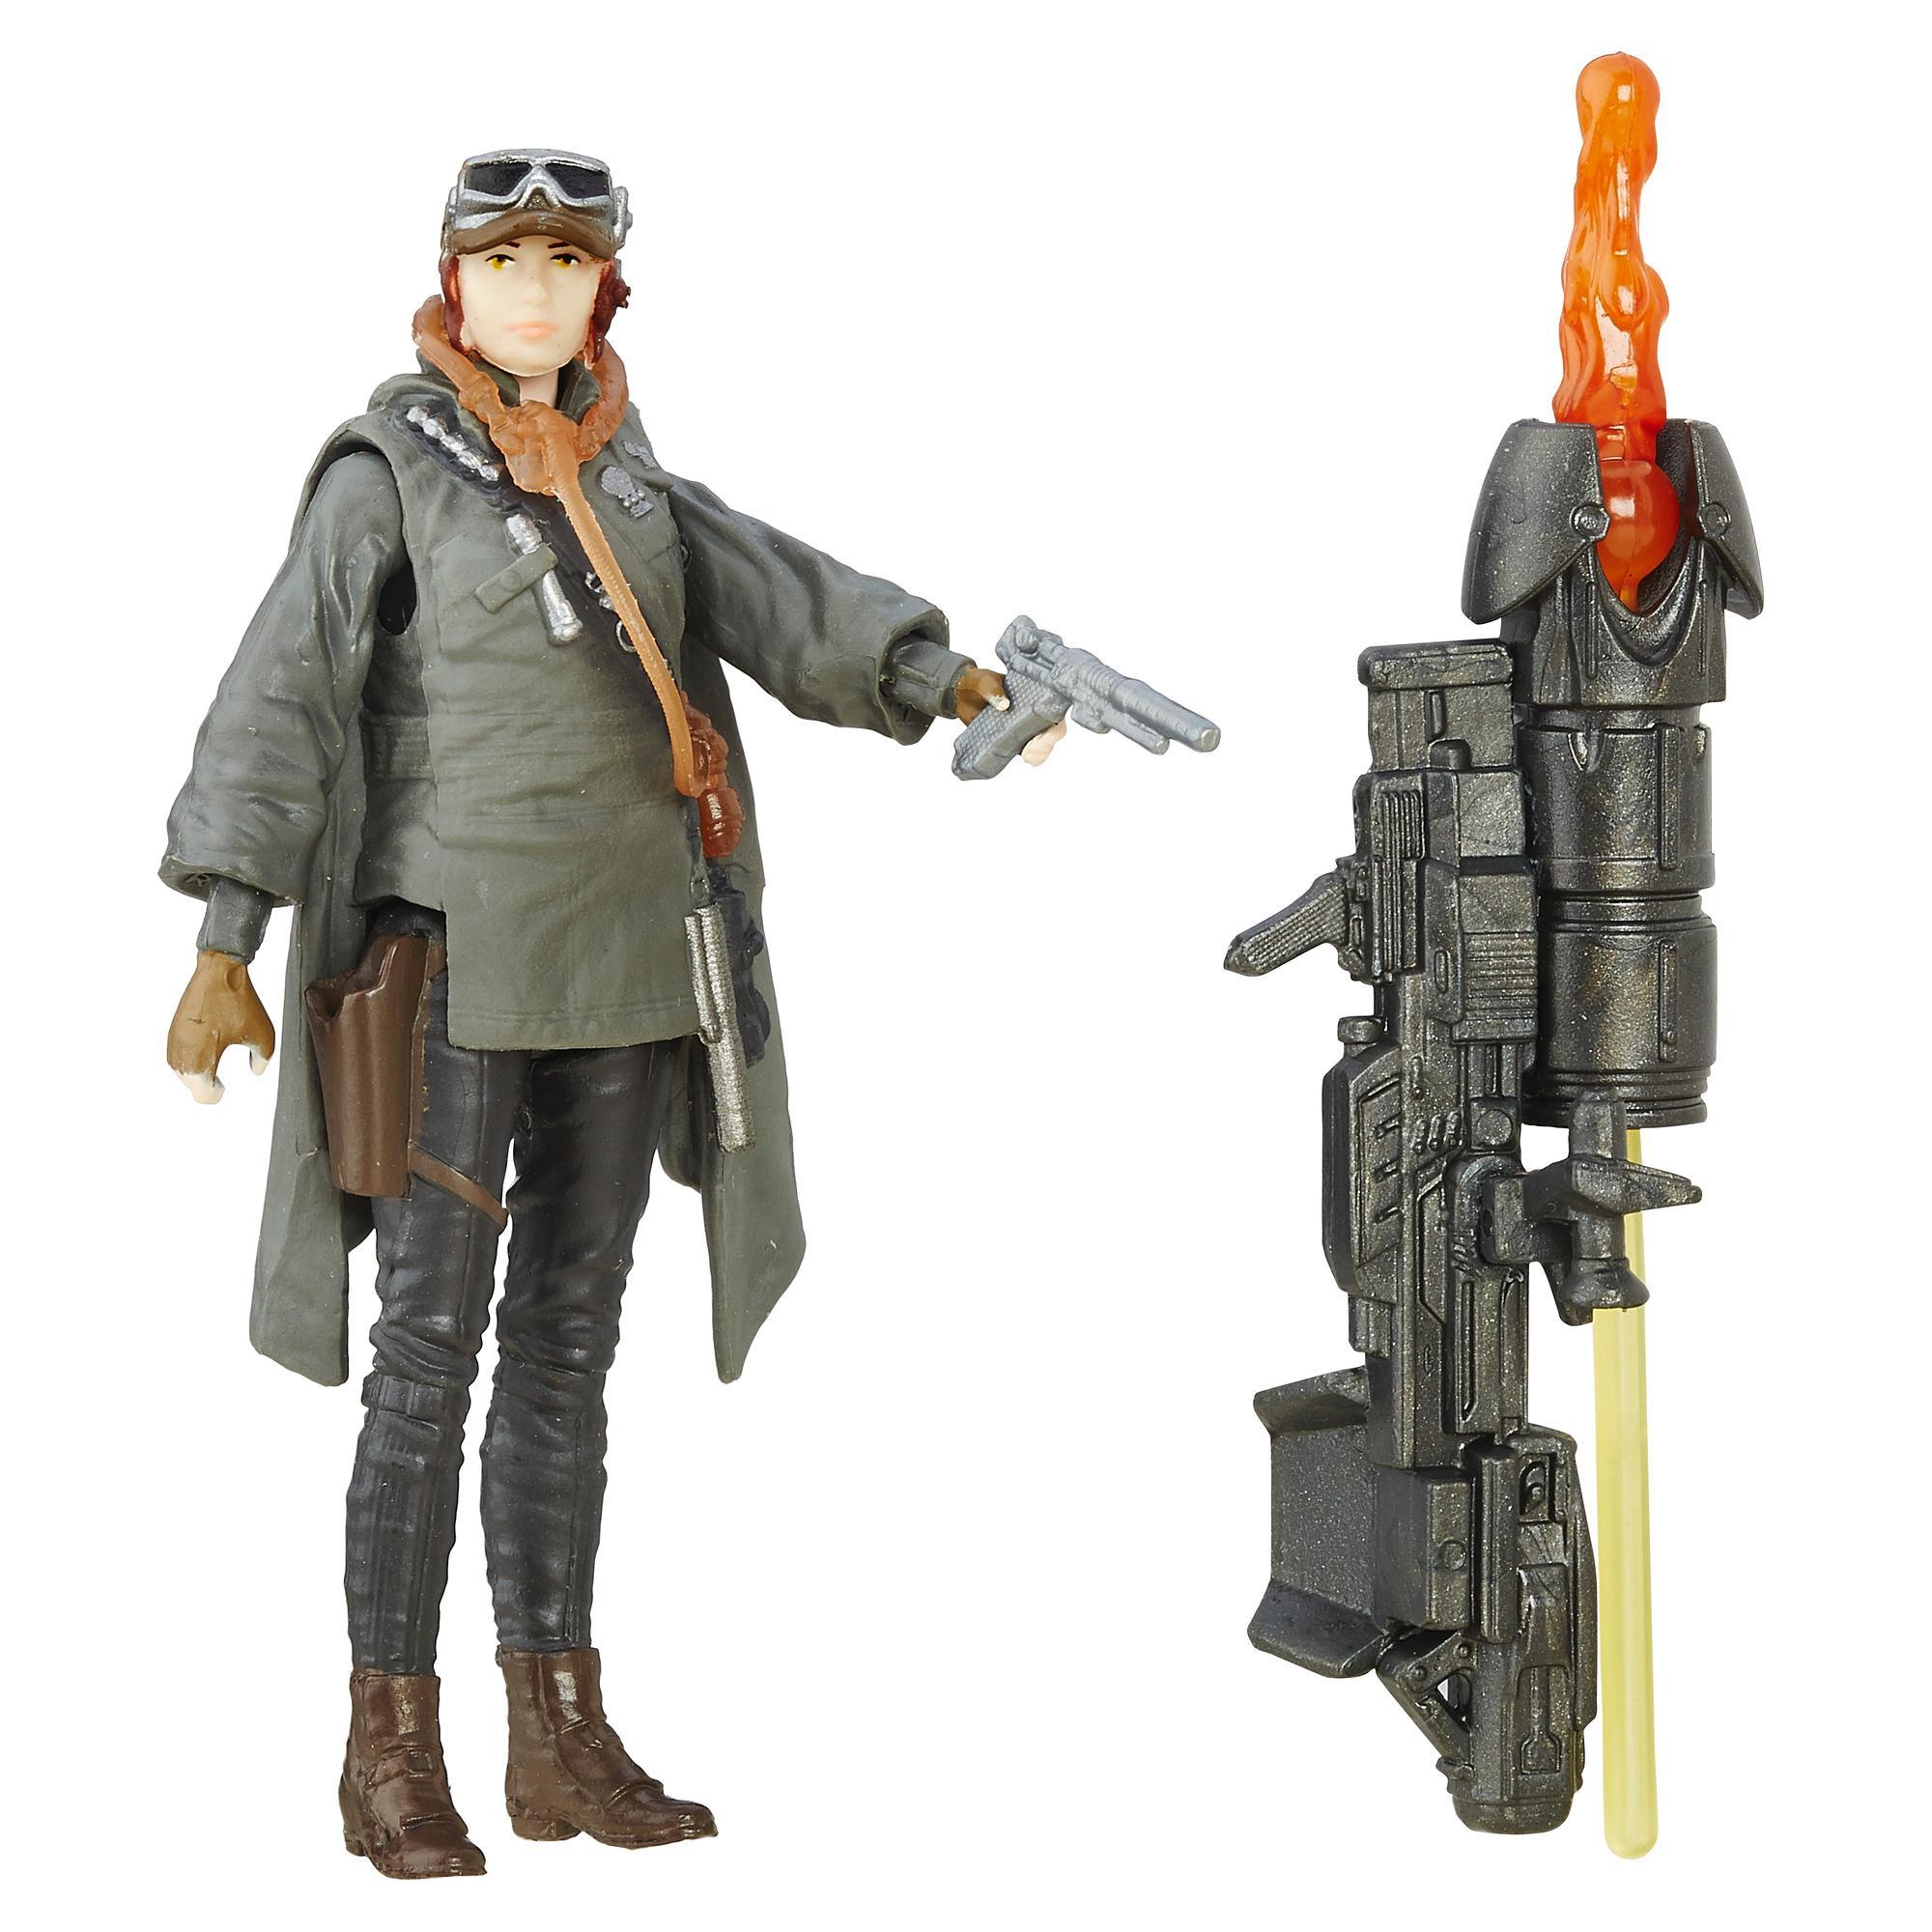 Star Wars Rogue One - Figura de la sargento Jyn Erso